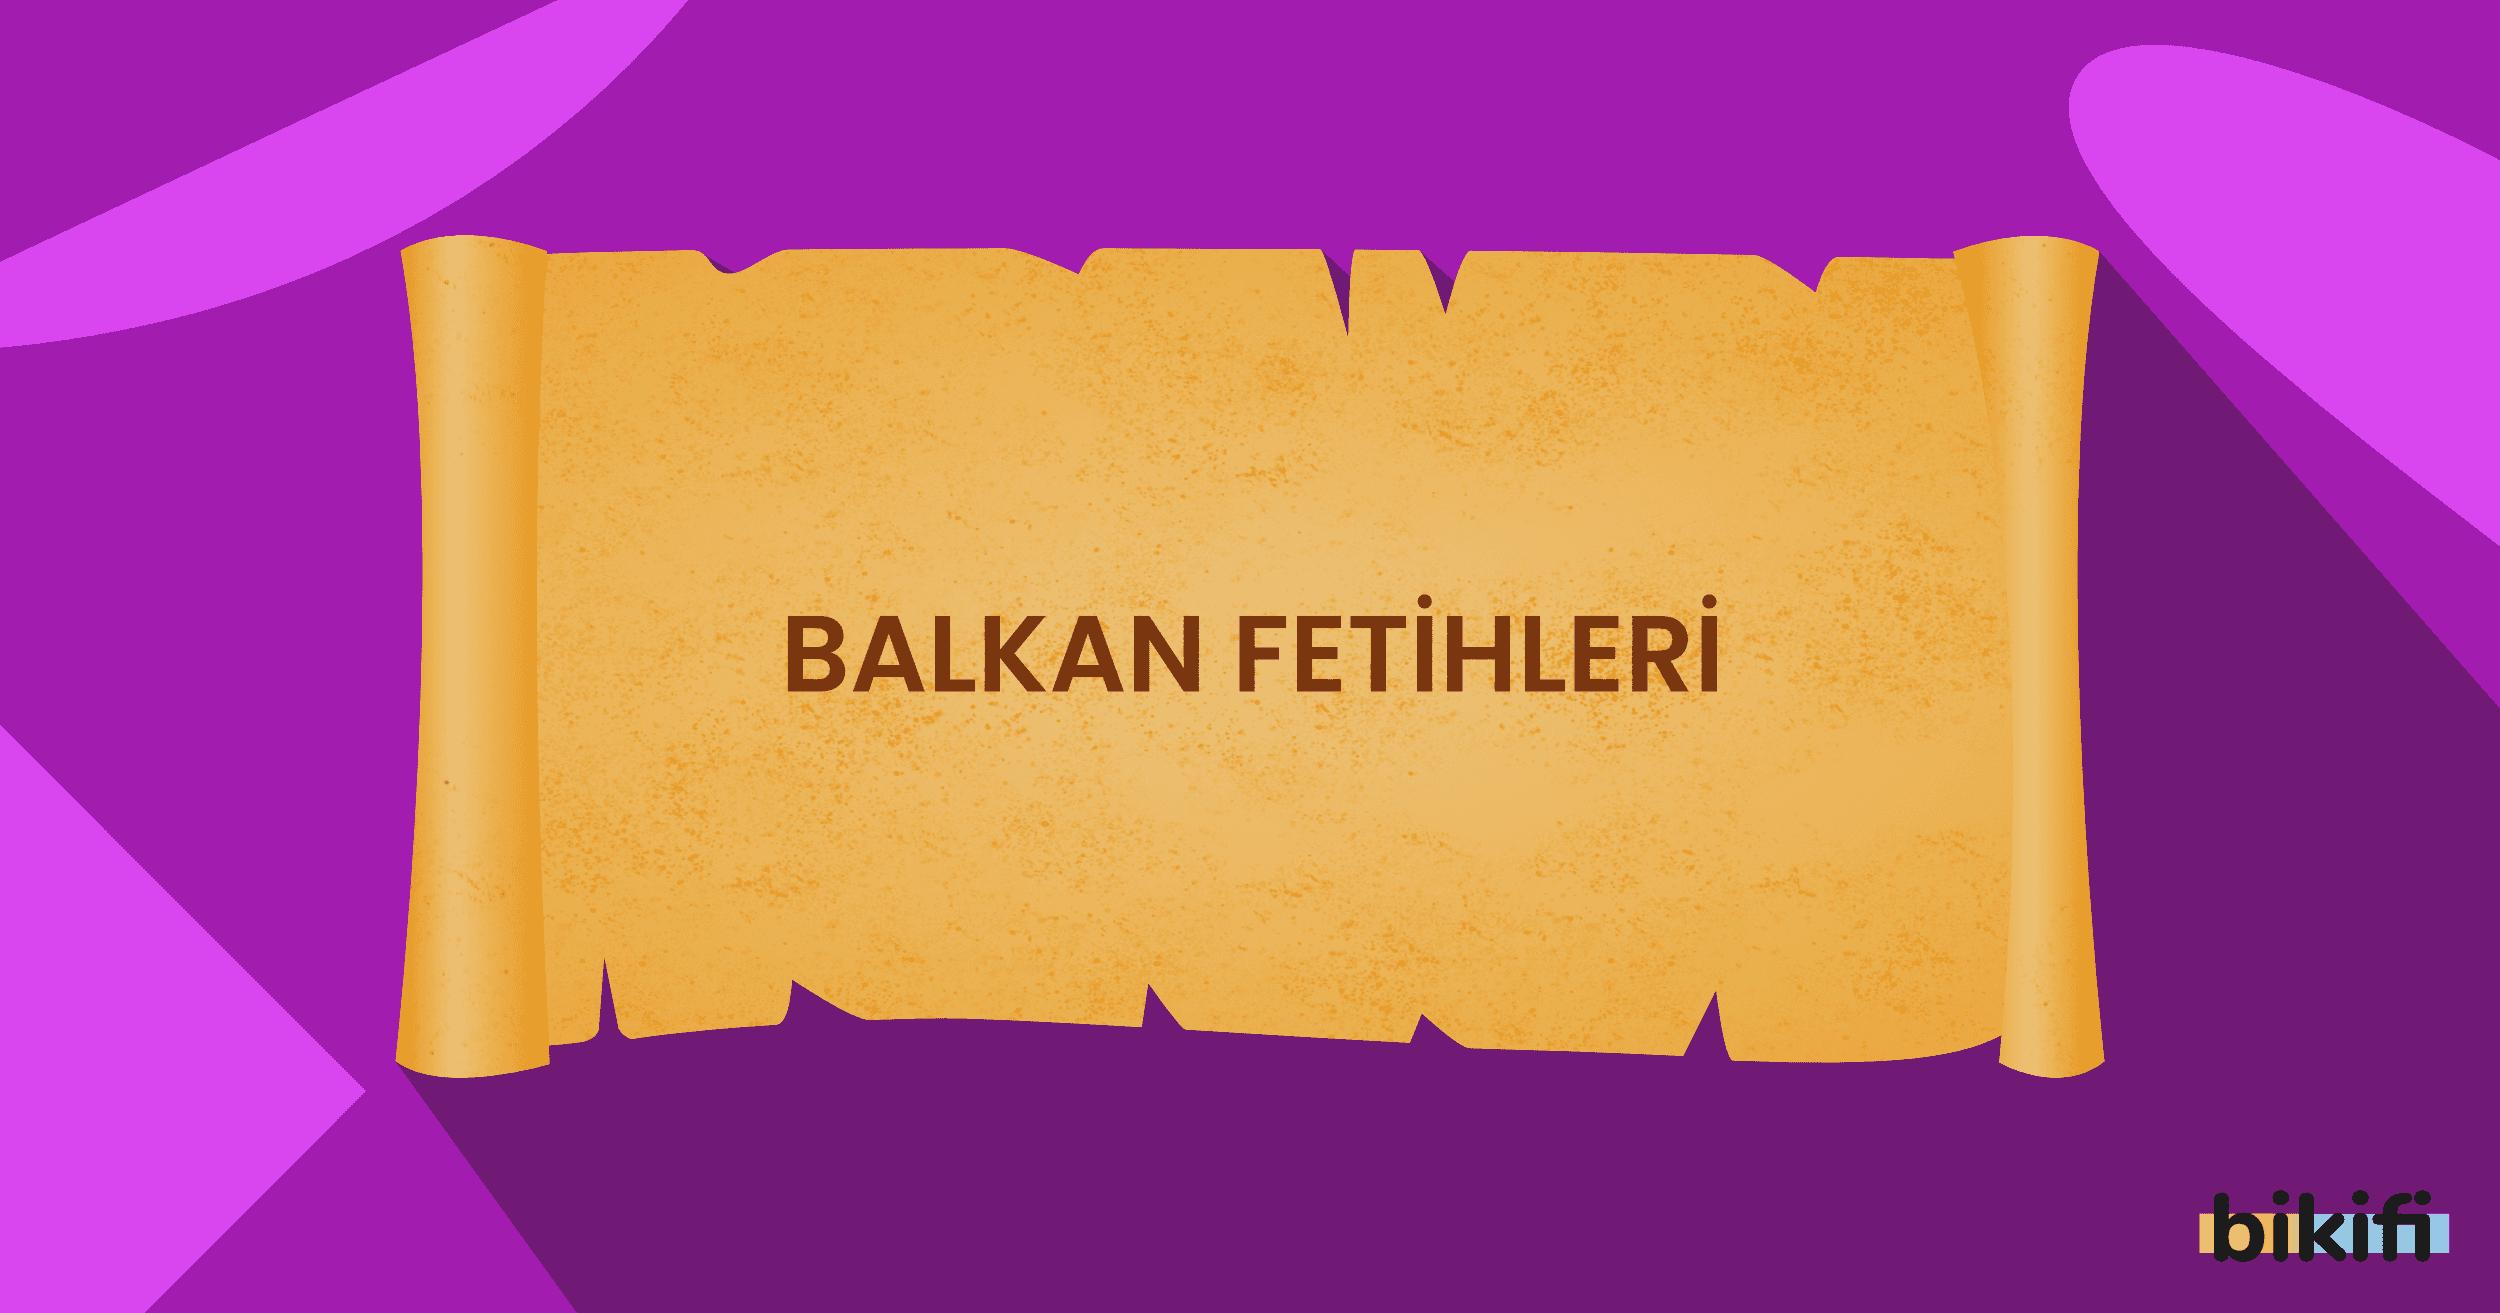 Balkan Fetihleri